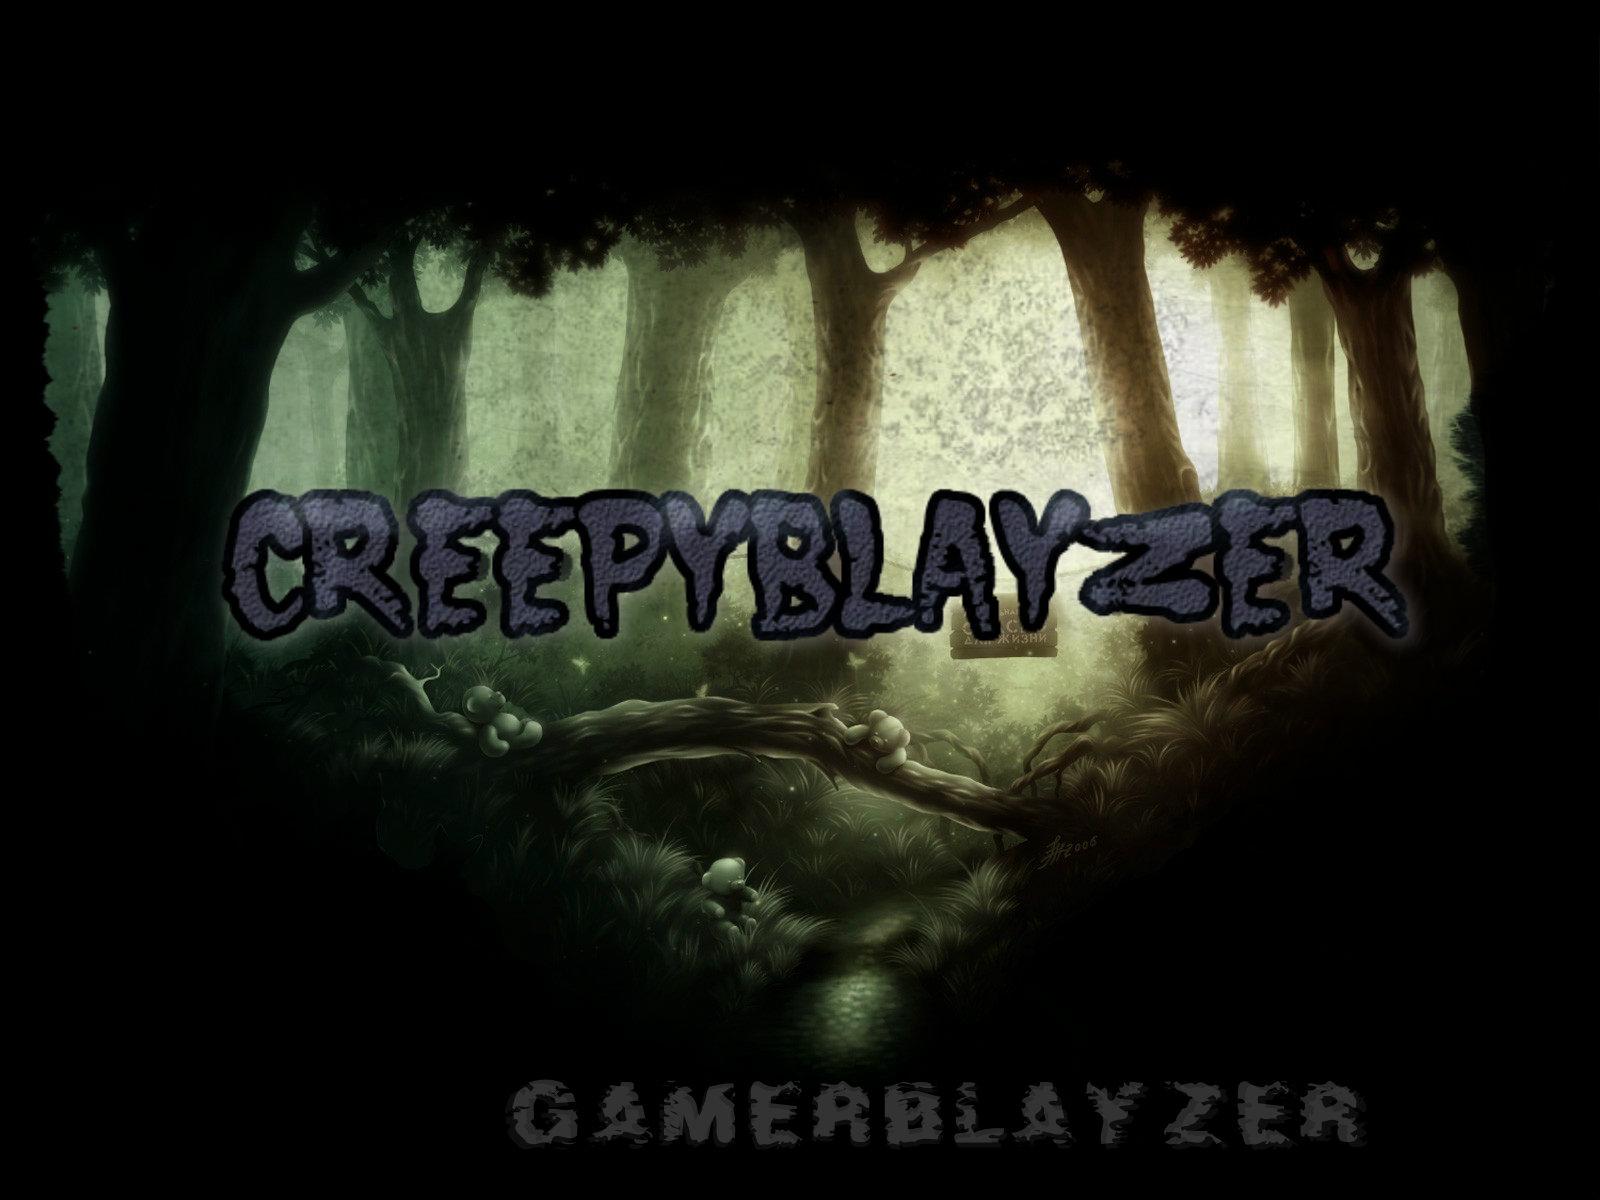 CreepyBlayzer